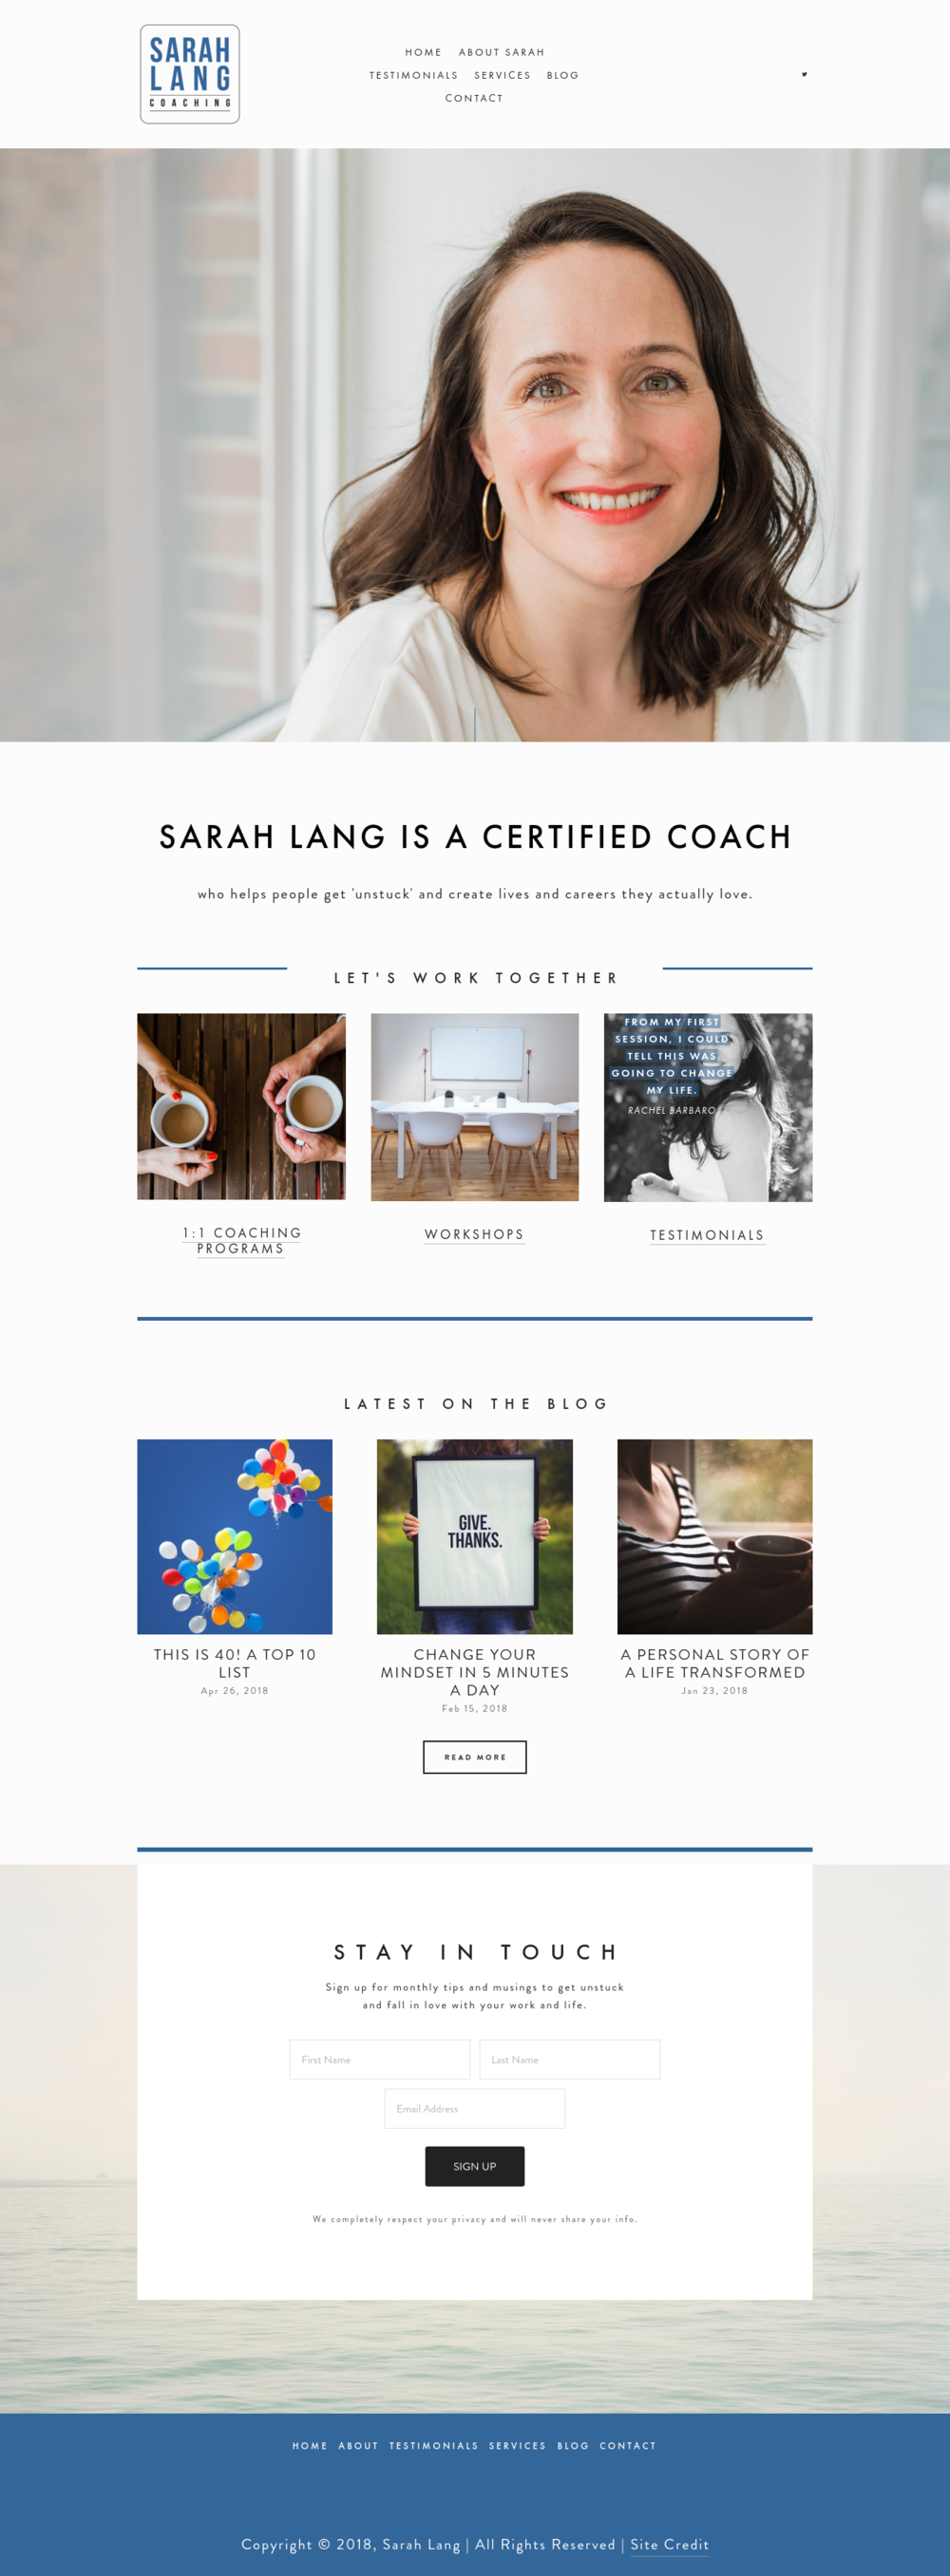 Sarah Lang Website_By_Maria_Wandiba.png